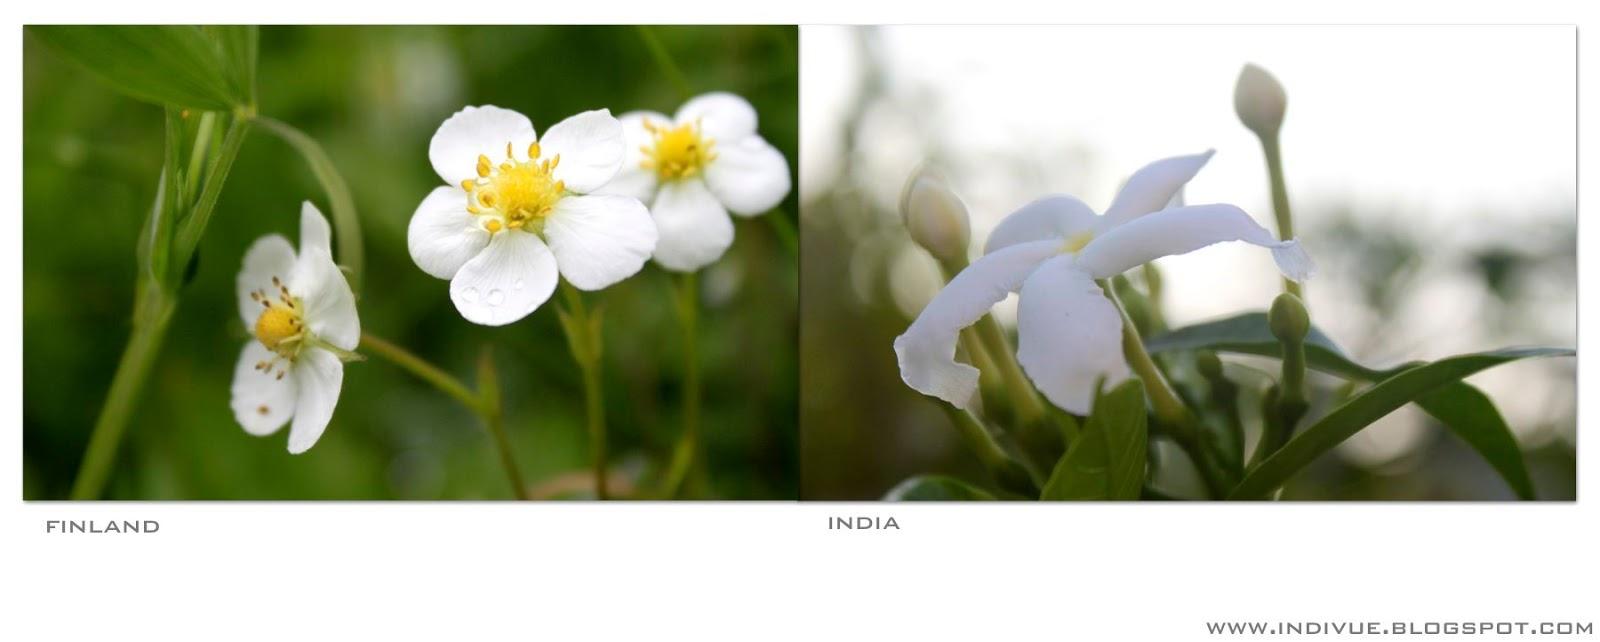 Valkoisia kukintoja